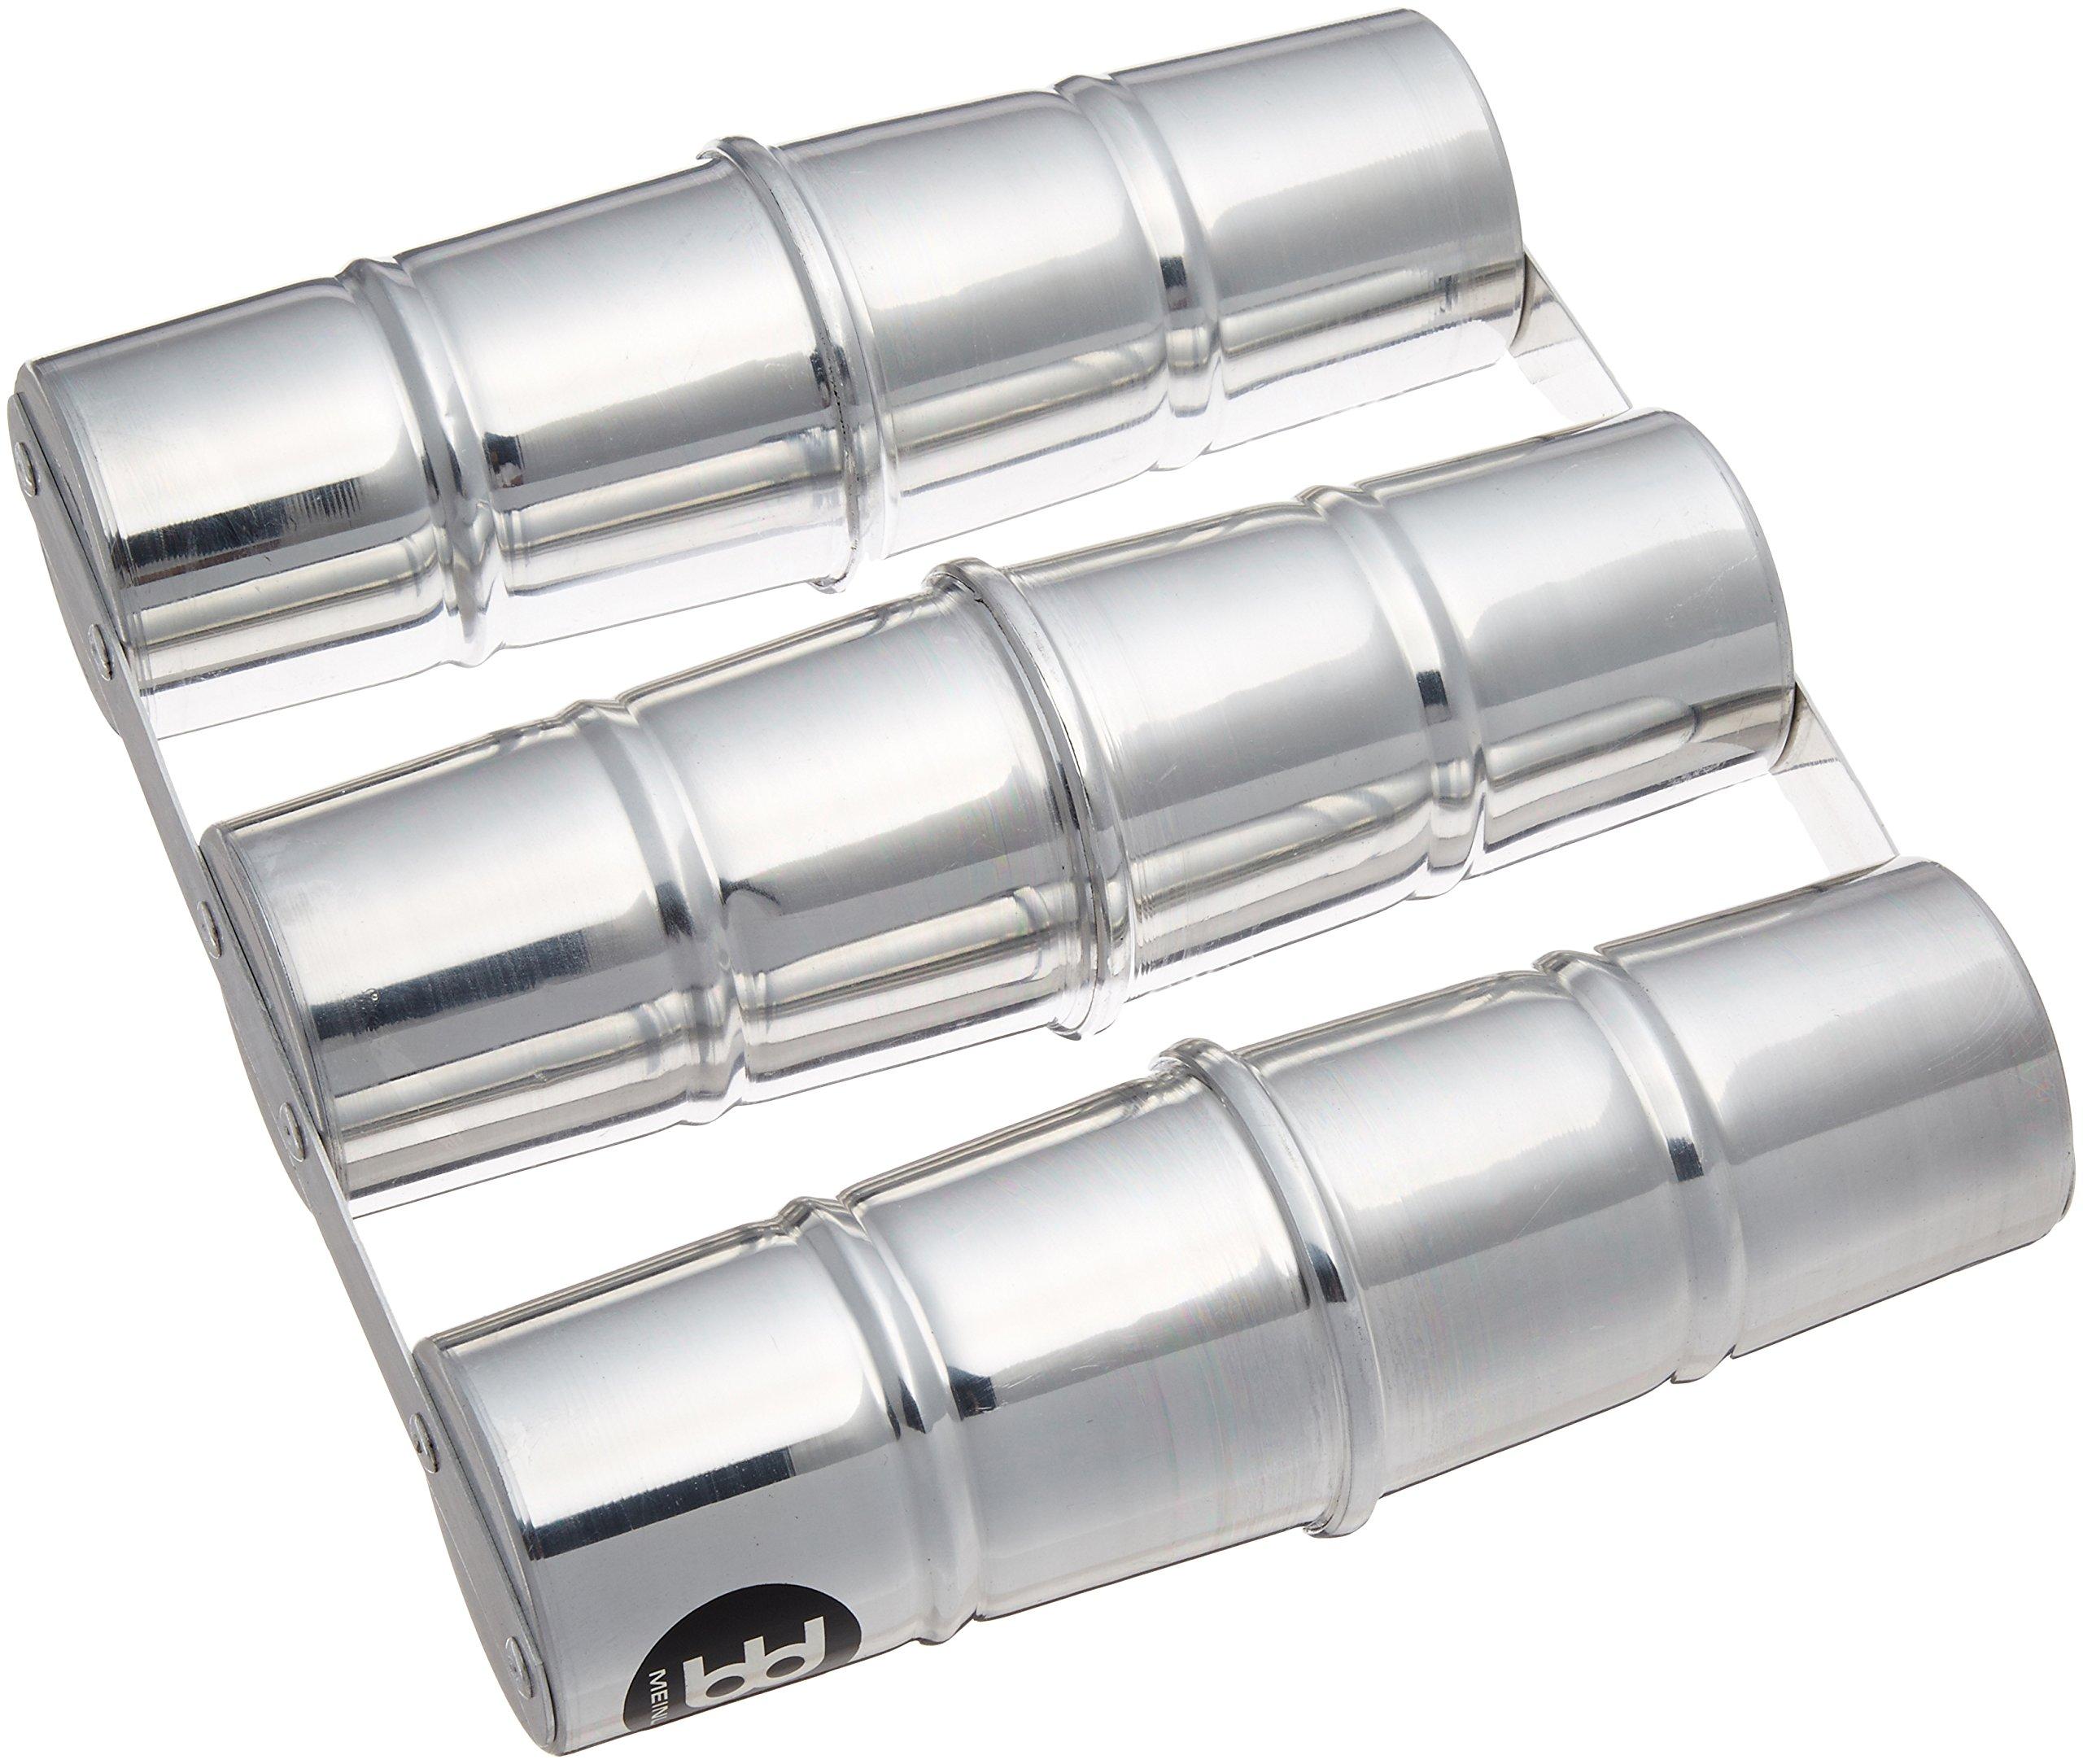 Meinl Percussion SSH3-S Aluminum Triple Samba Shaker, Small by Meinl Percussion